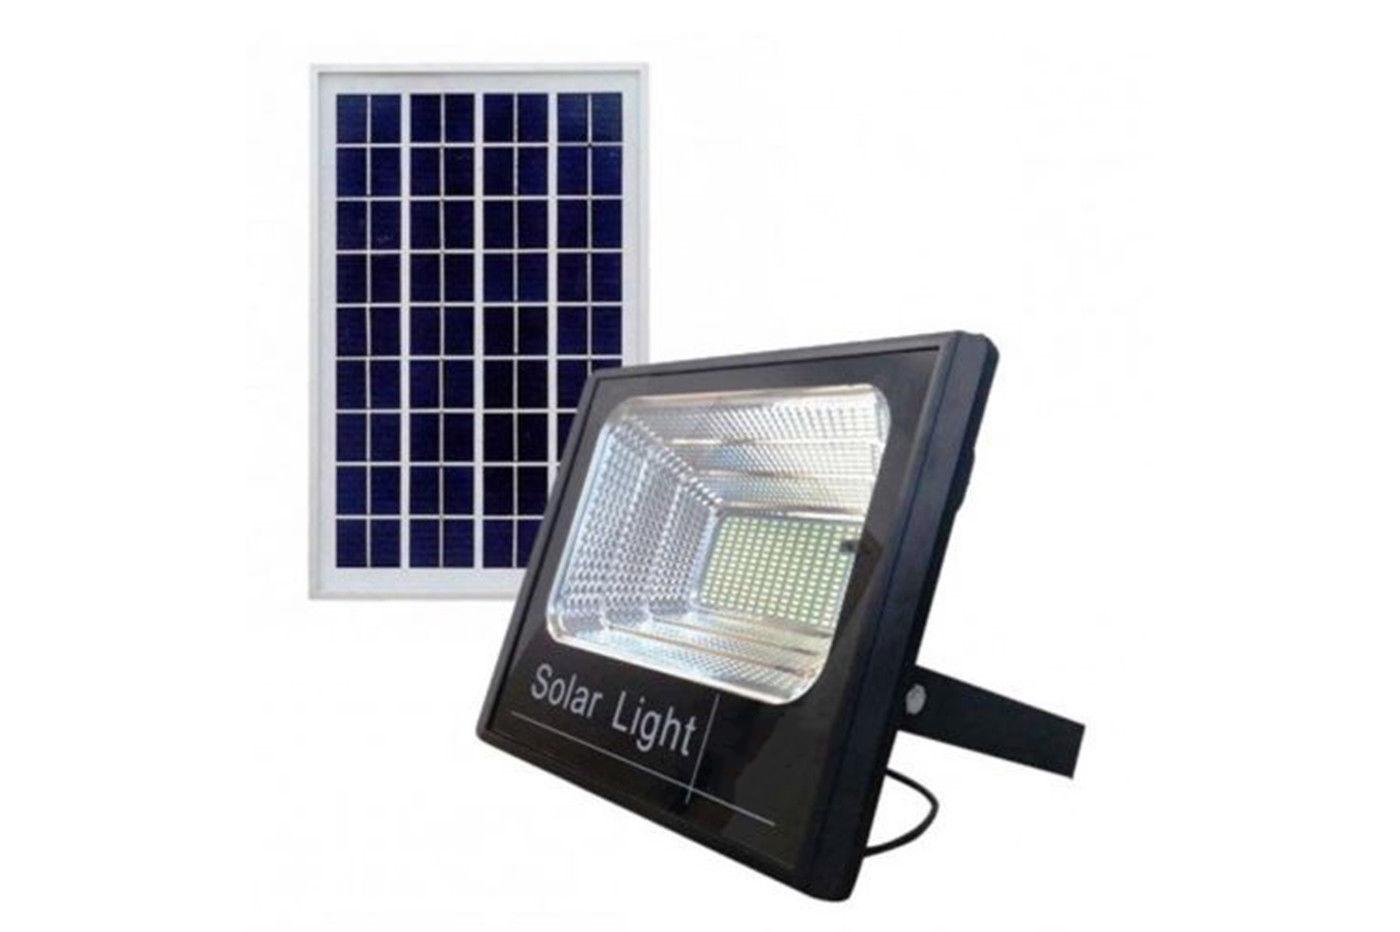 LAMPIONE LED AD ENERGIA SOLARE RICARICABILE CON TELECOMANDO PER GIARDINO P-G.